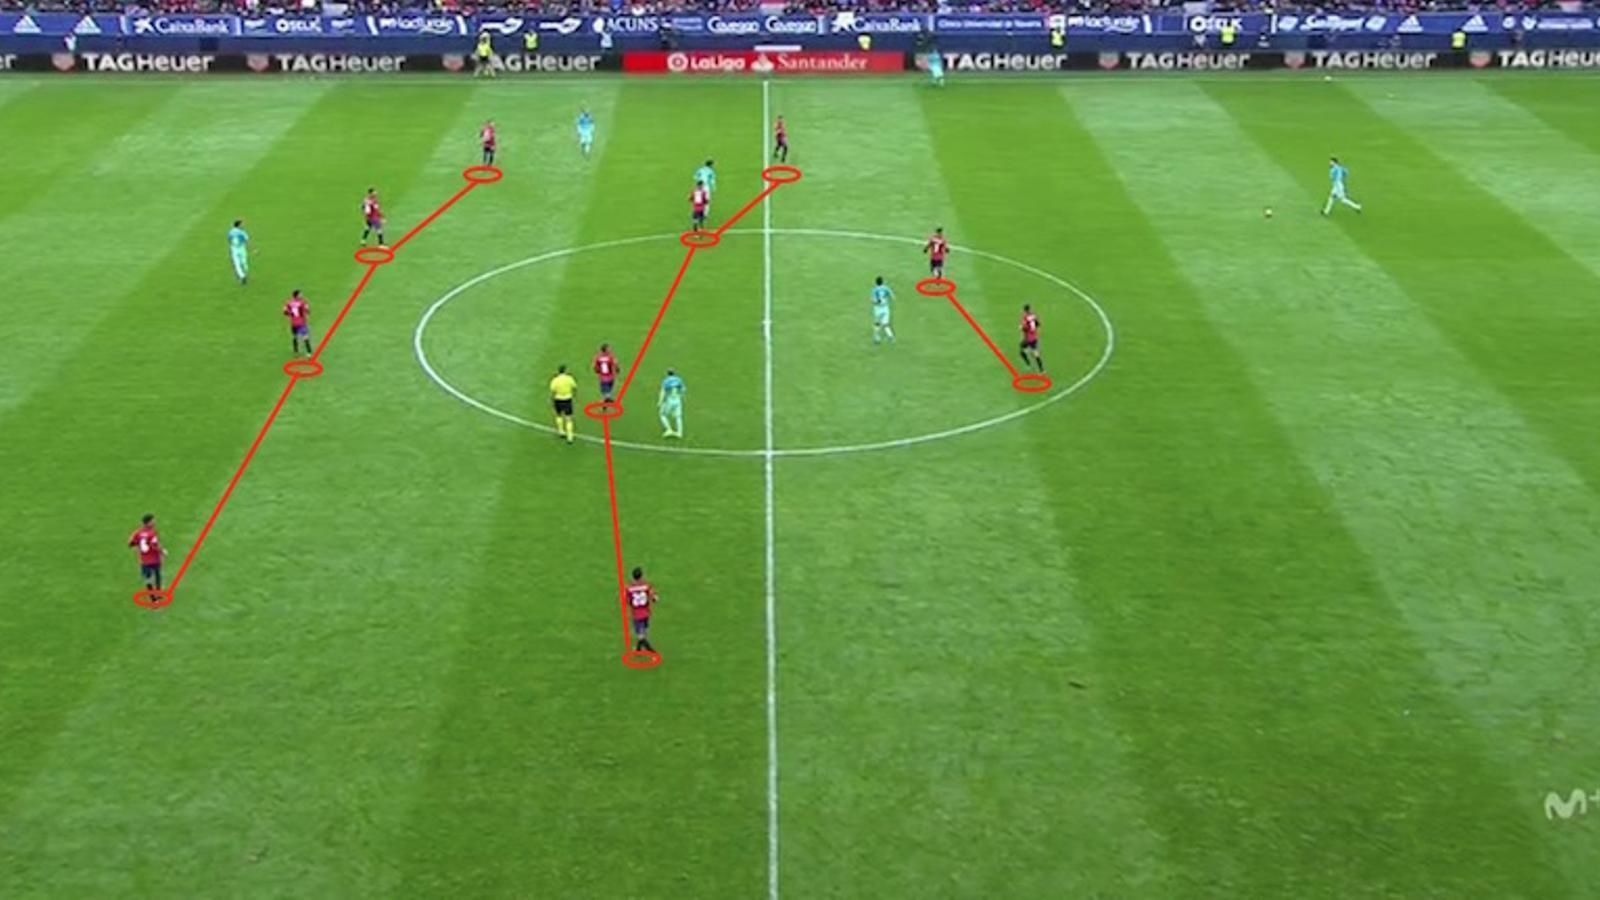 Bloc defensiu de l'Osasuna: 4-4-2